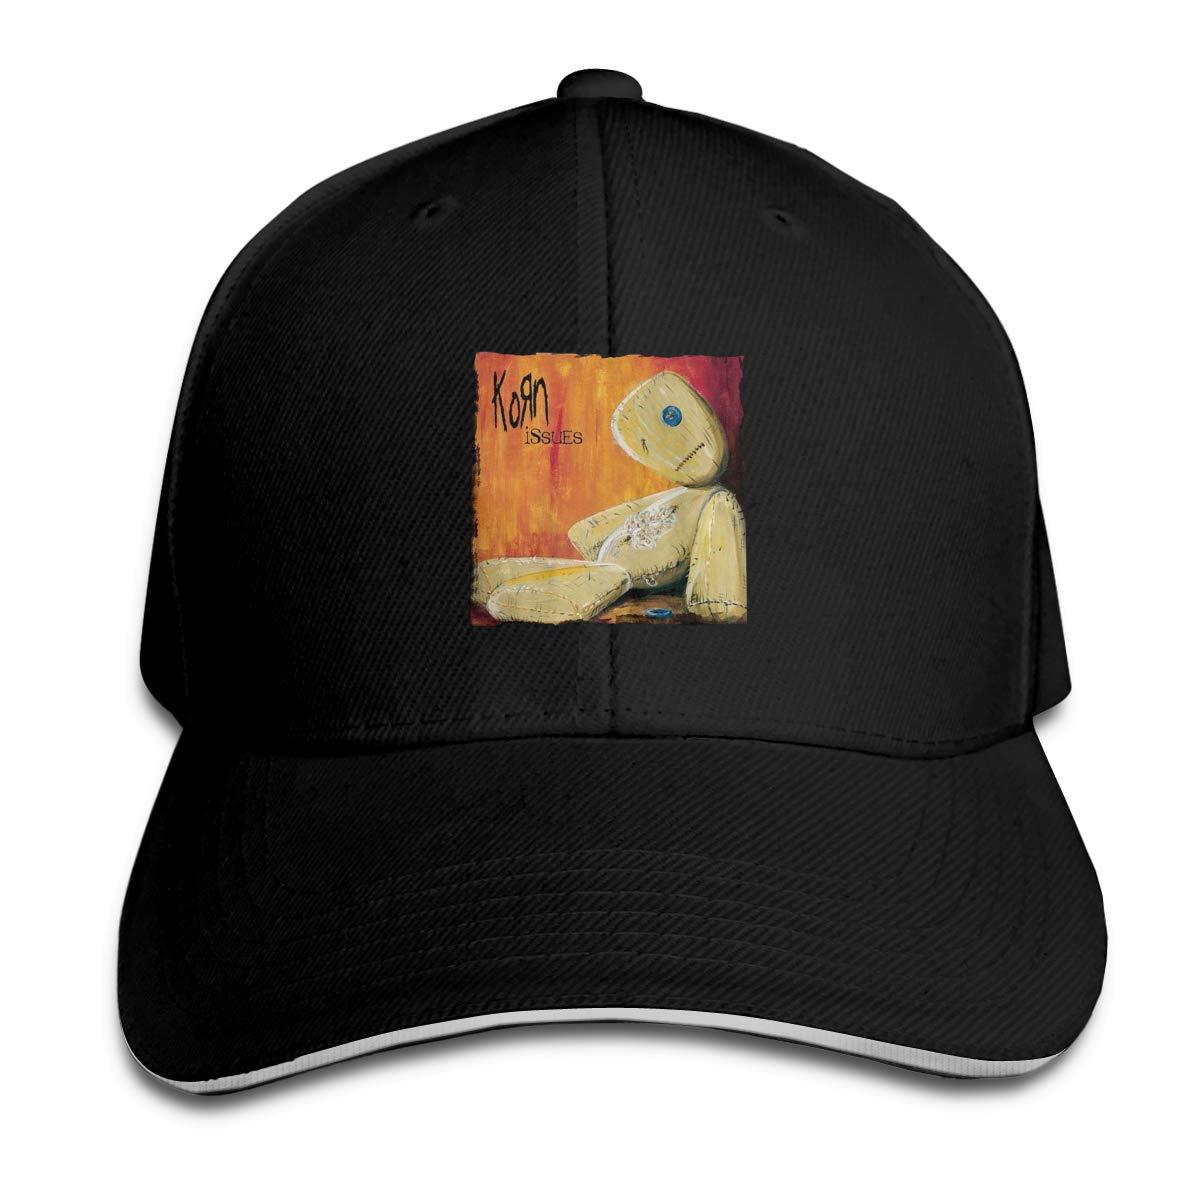 Eugrandet Korn-Issues Unisex Twill Adjustable Sports Hat